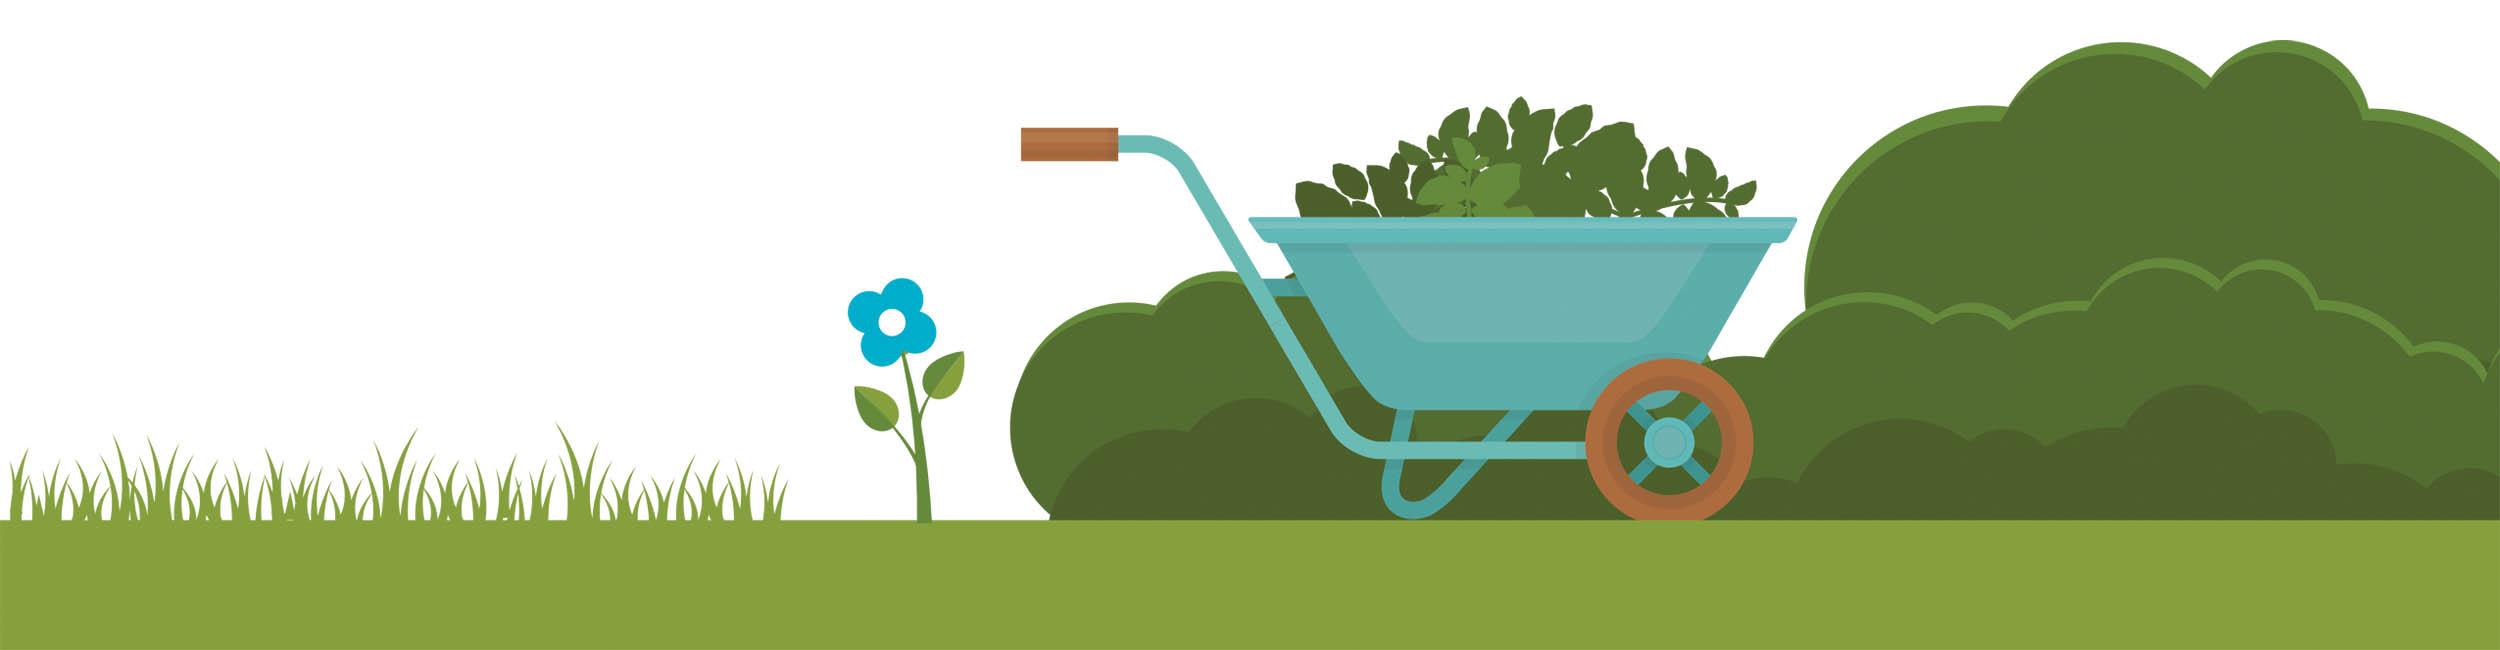 Garden waste club